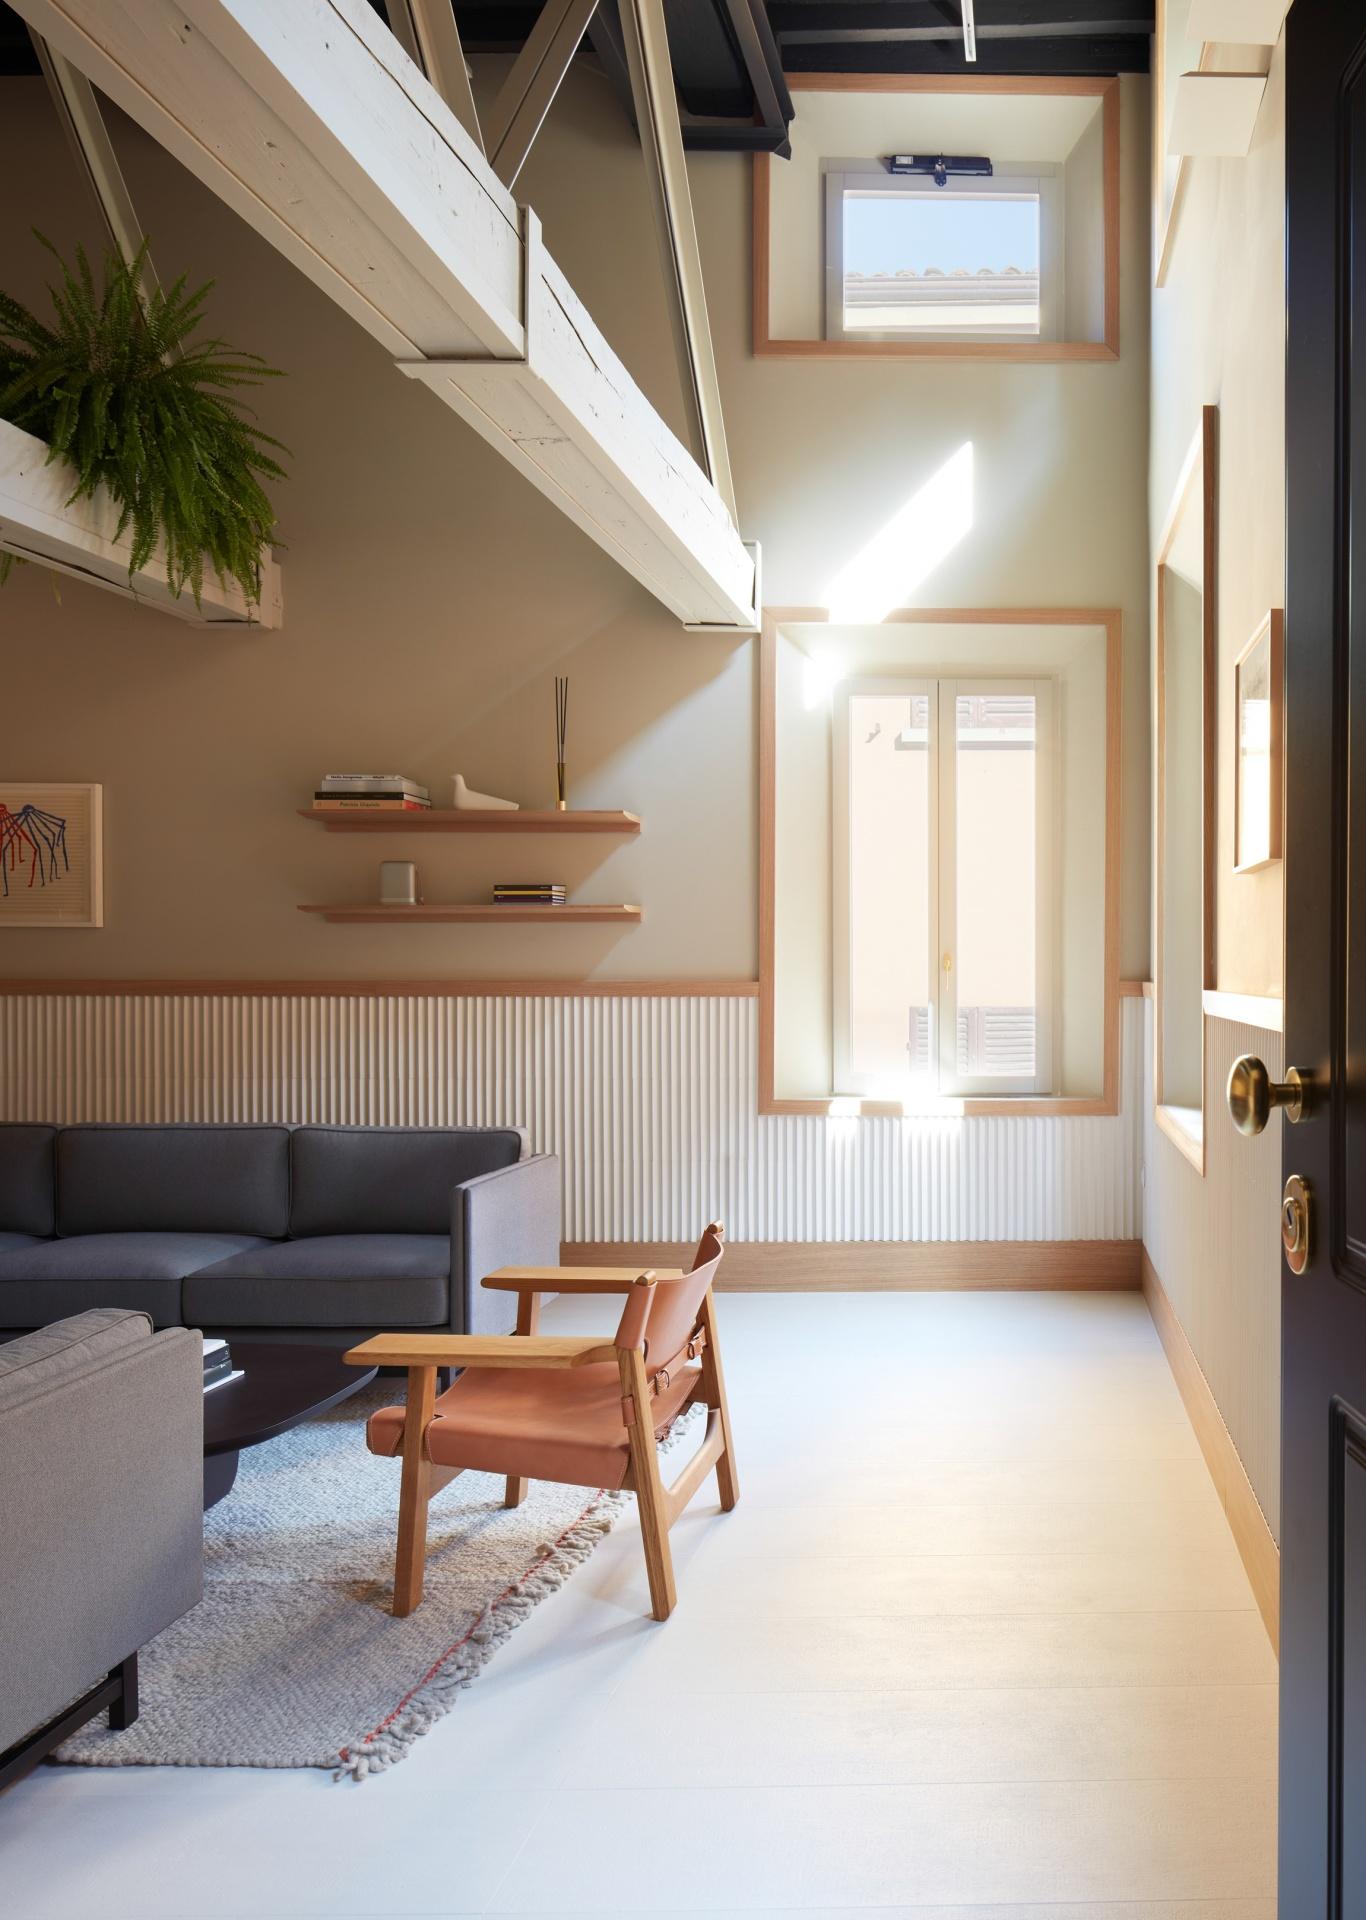 Casa_Mutina_Modena_designalive-16